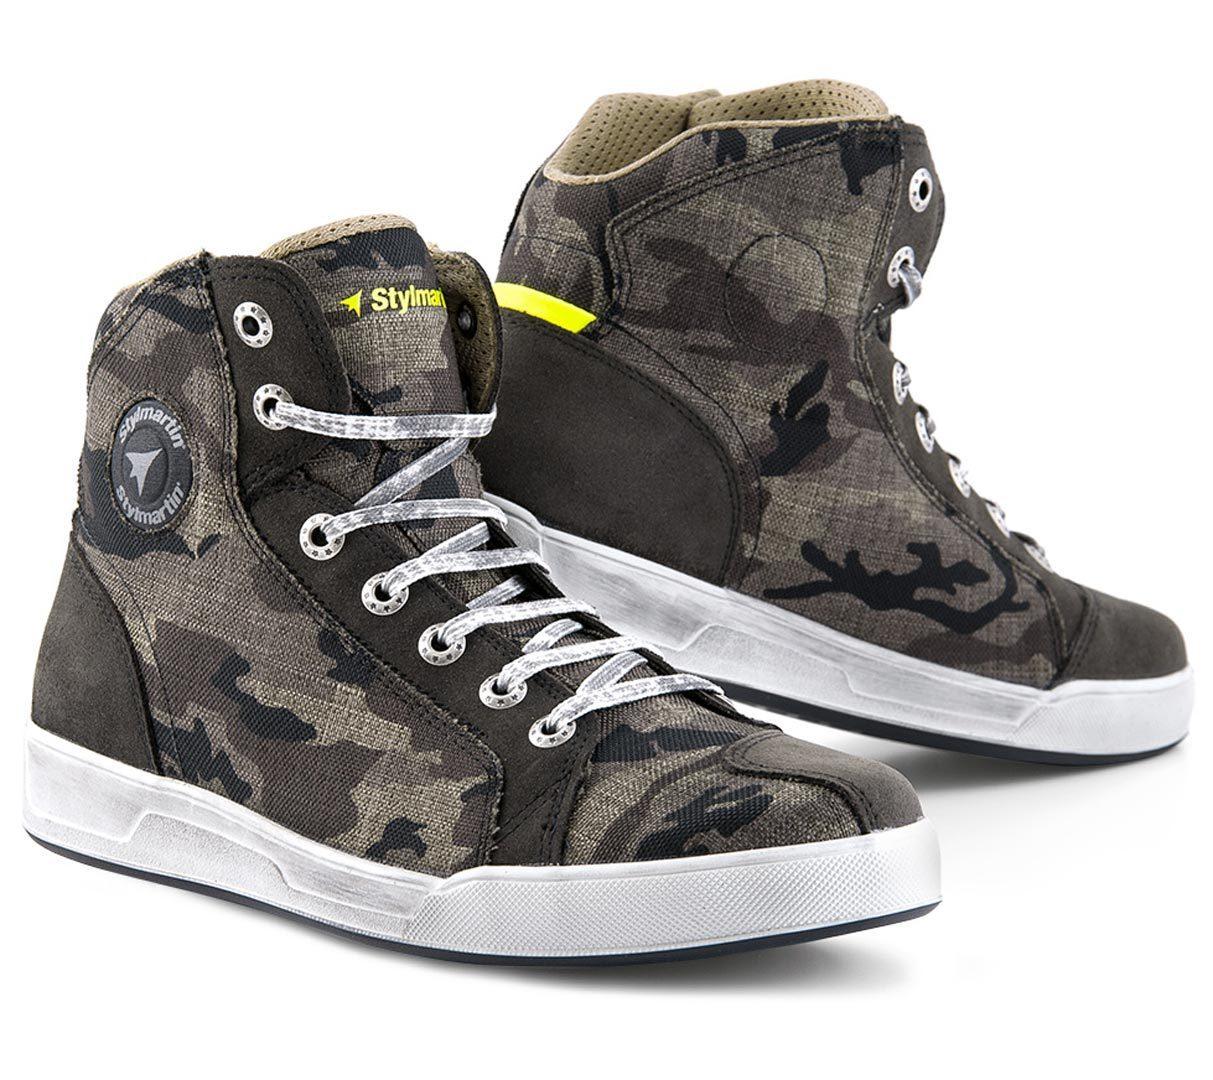 Stylmartin Raptor Evo Sneakers, grün-braun, Größe 46, grün-braun, Größe 46